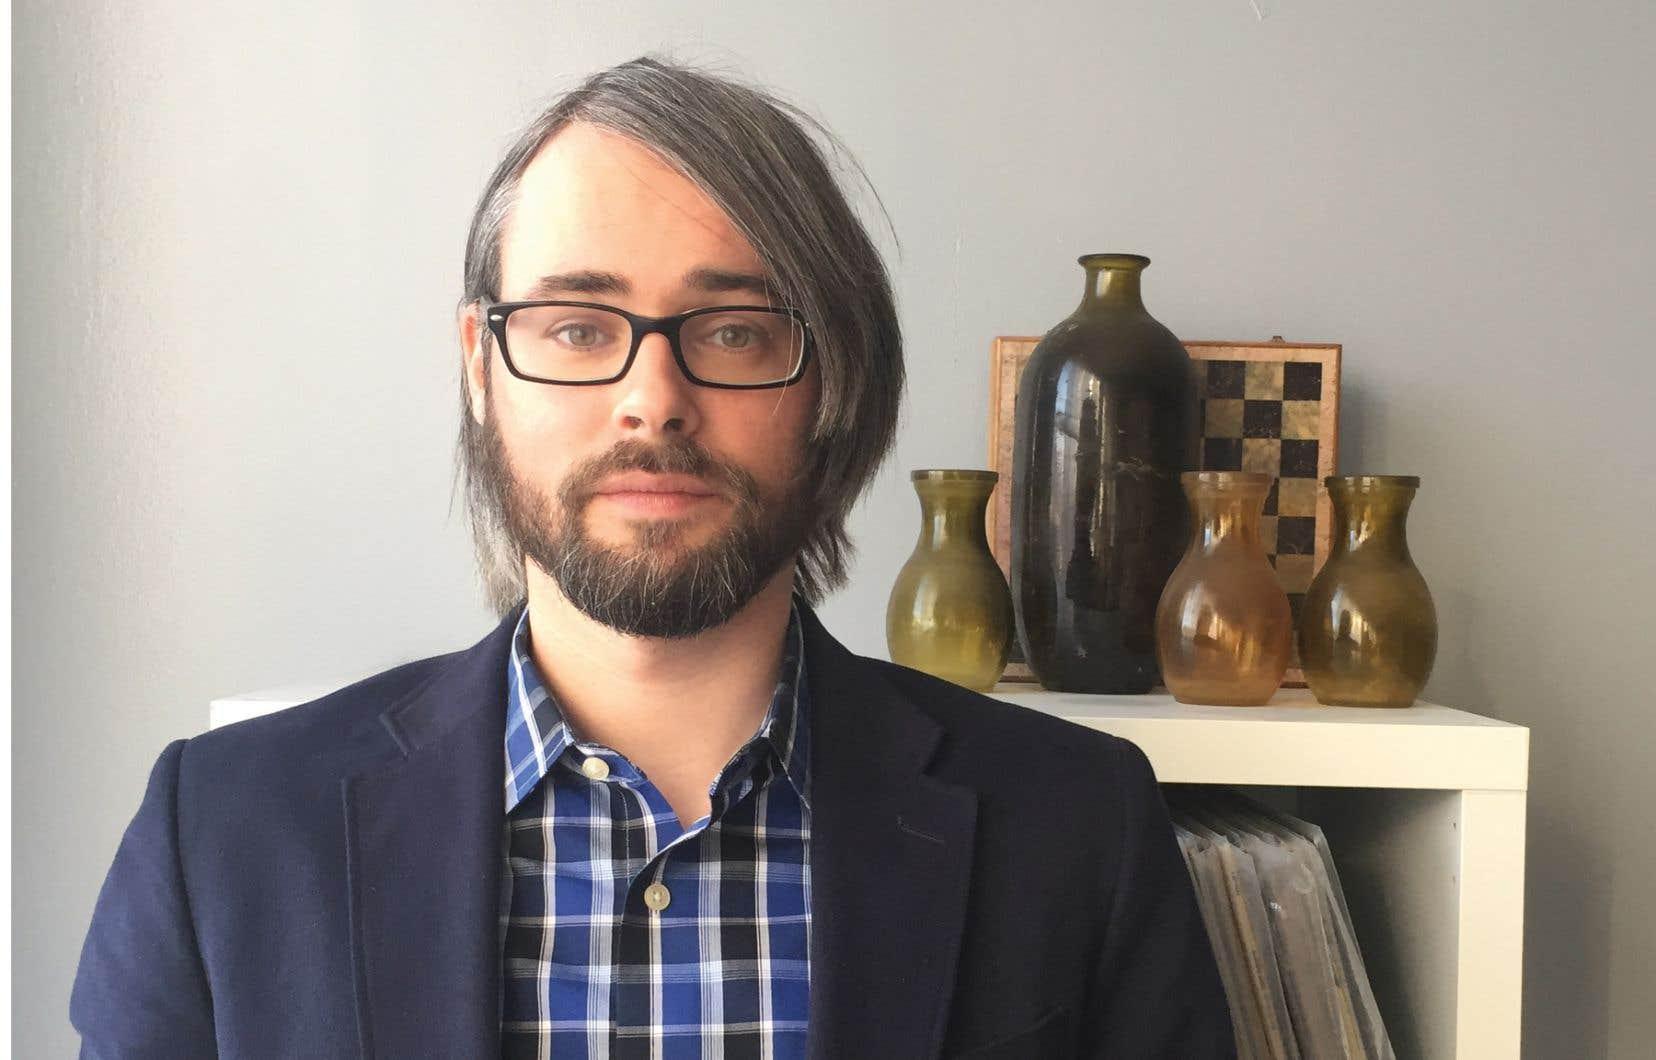 Aaron Tucker, né en 1984, semble assez éclaté dans ses intérêts et ses capacités. Il écrit de la poésie et a publié un essai sur la représentation du Web comme arme de guerre par Hollywood. Il enseigne l'usage des imprimantes 3D en arts visuels.